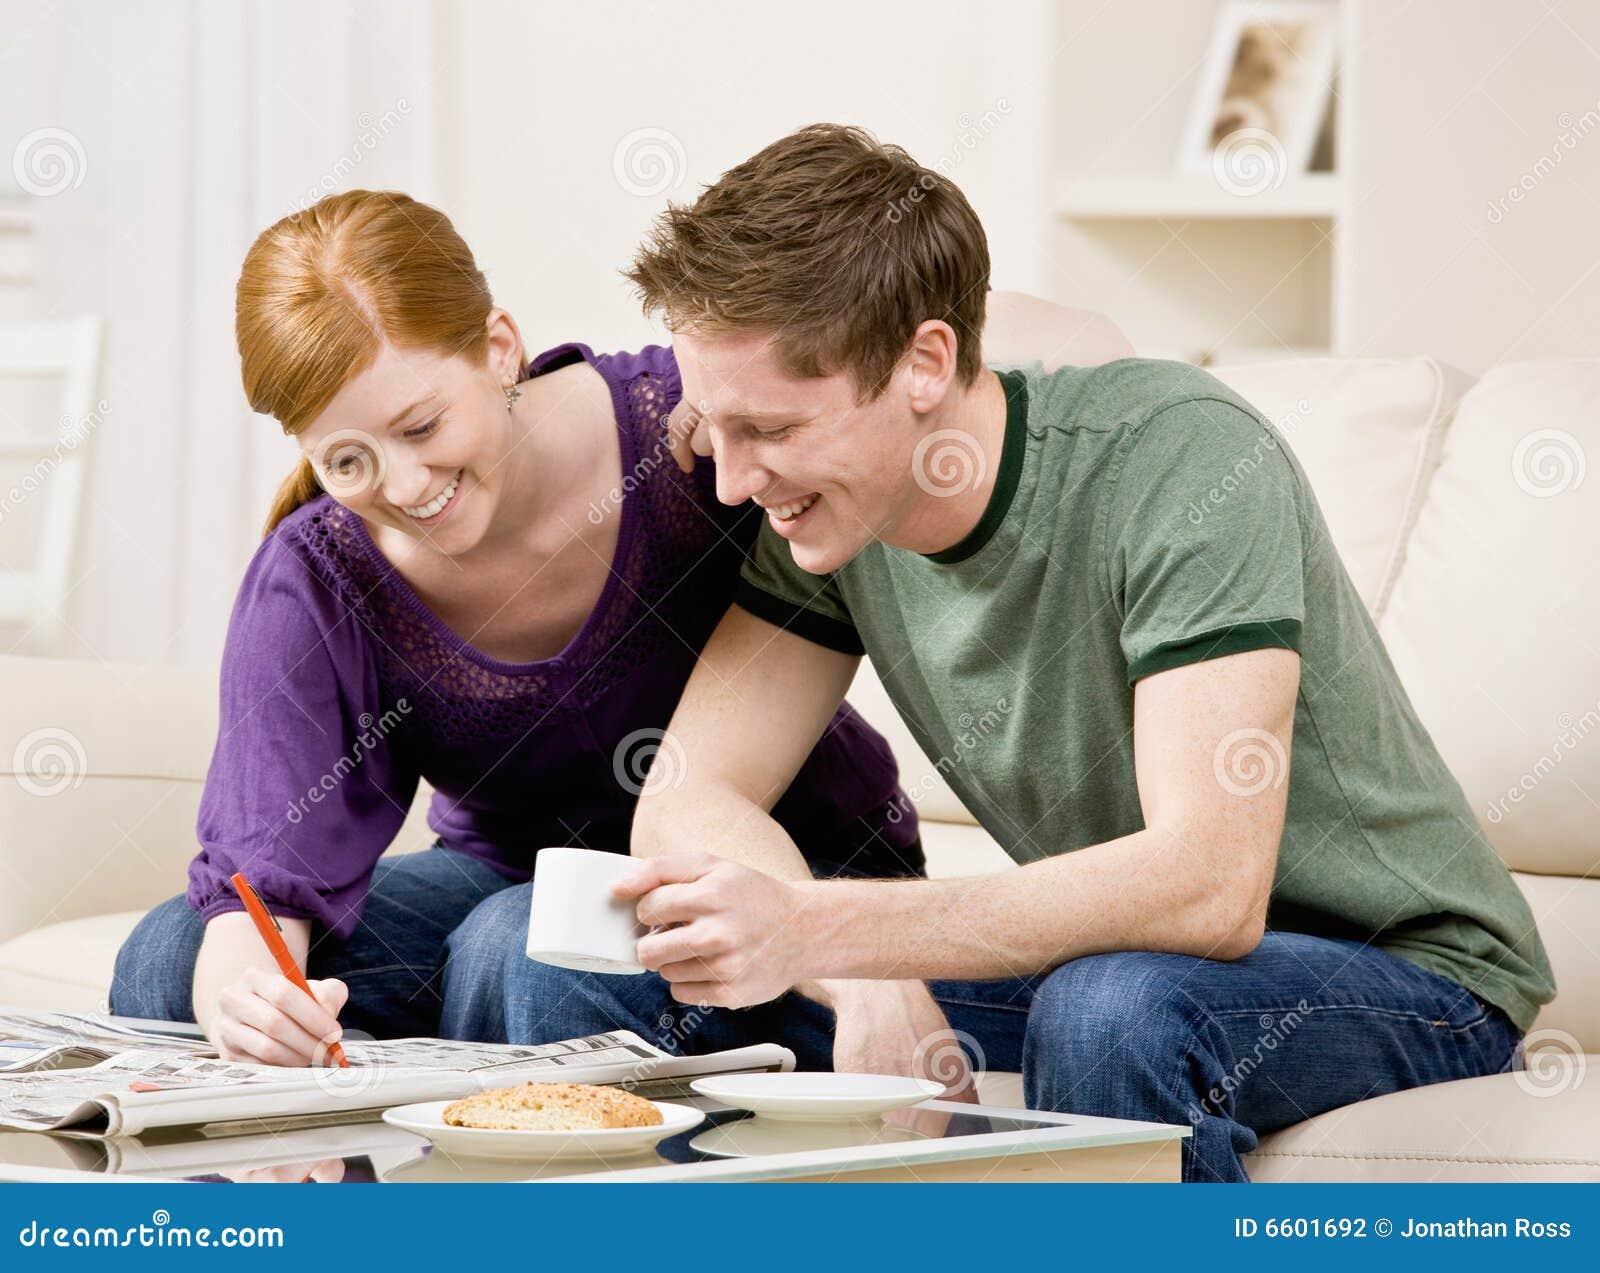 couple seeking girlfriend